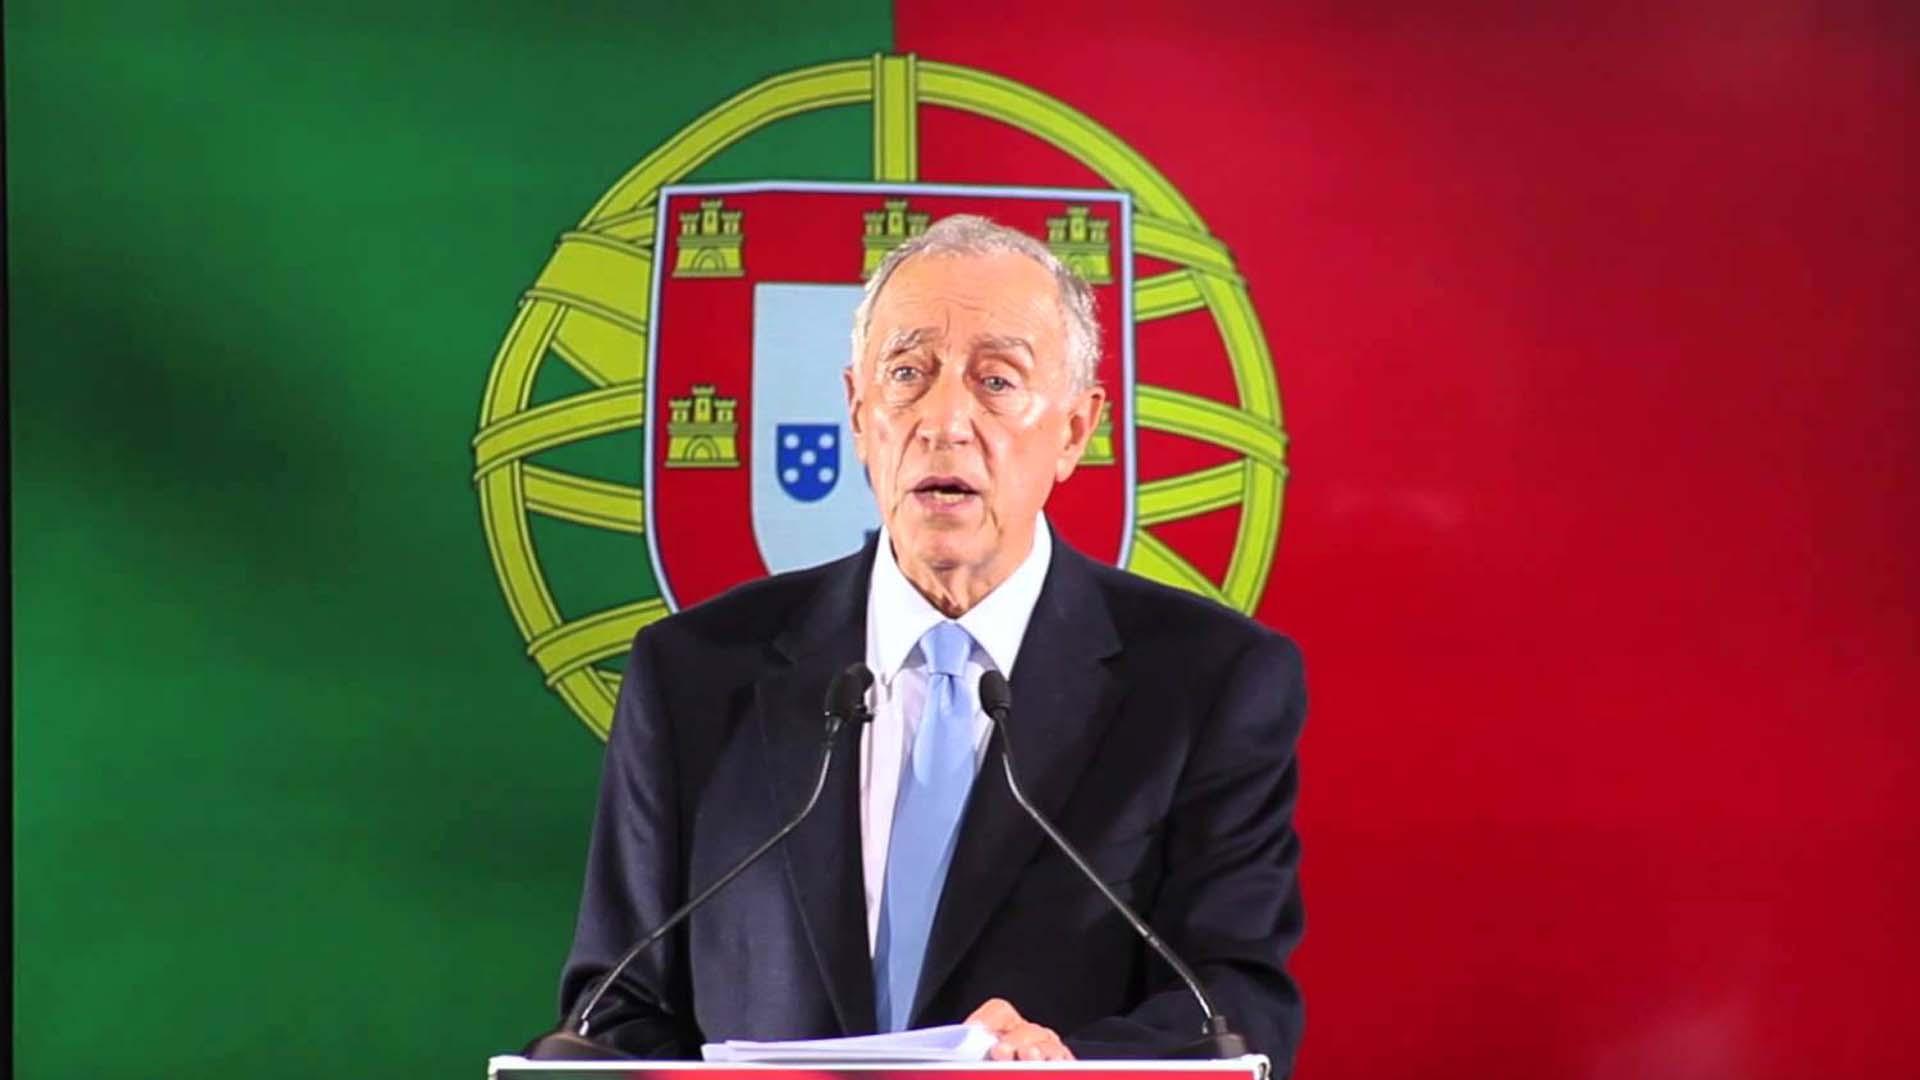 Para el presidente Marcelo Rebelo de Sousa está nueva ley traduce de forma significativa la reflexión